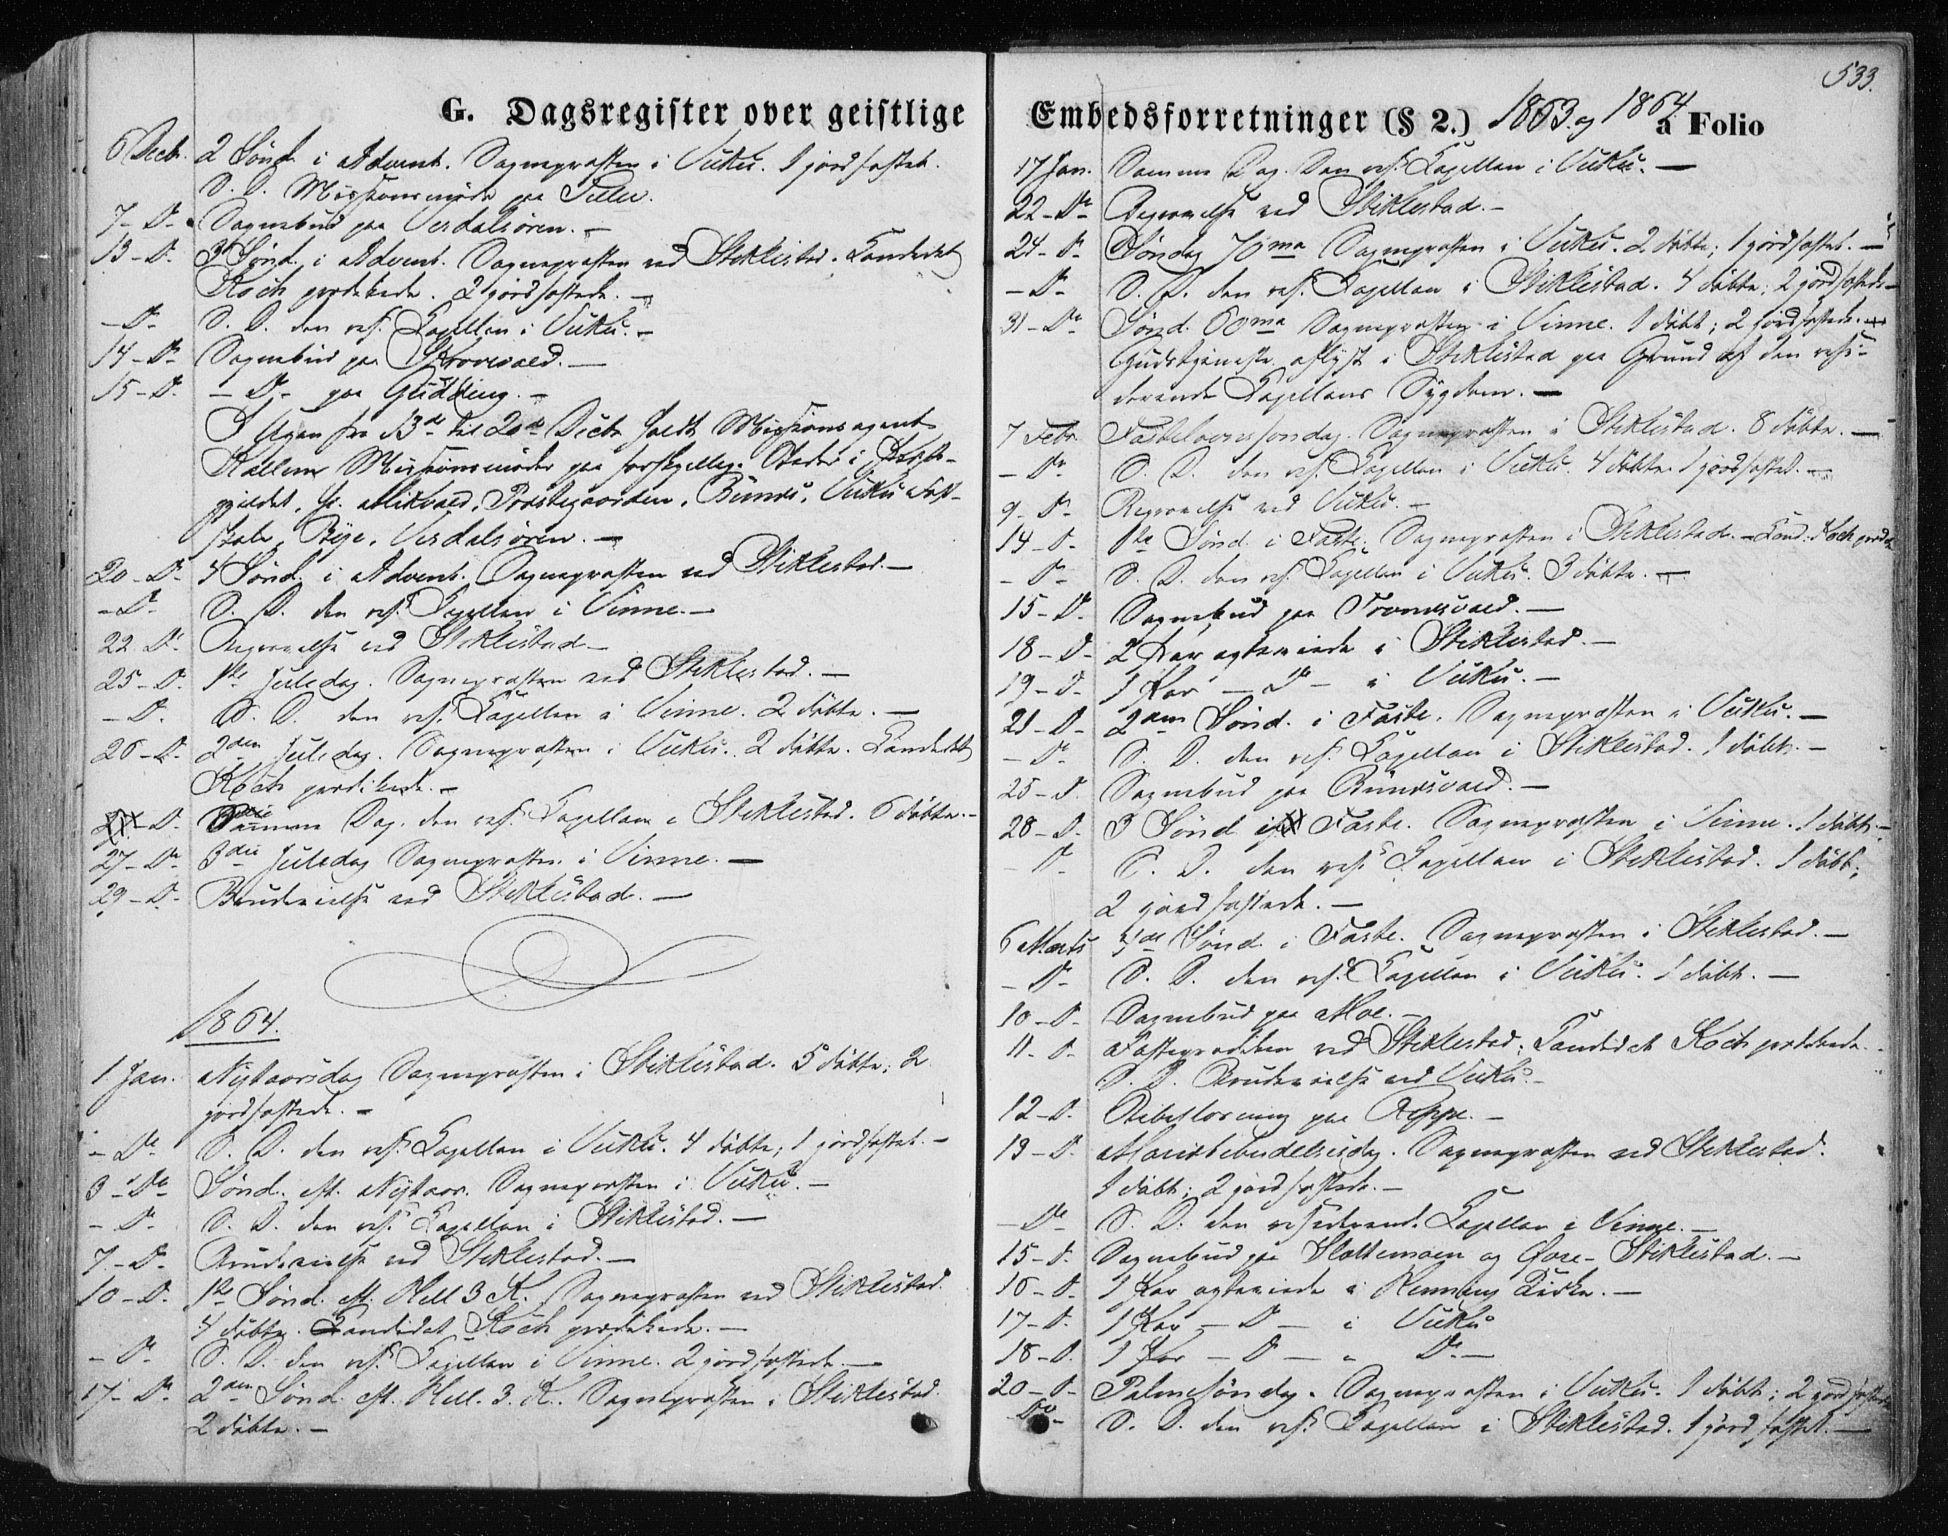 SAT, Ministerialprotokoller, klokkerbøker og fødselsregistre - Nord-Trøndelag, 723/L0241: Ministerialbok nr. 723A10, 1860-1869, s. 533